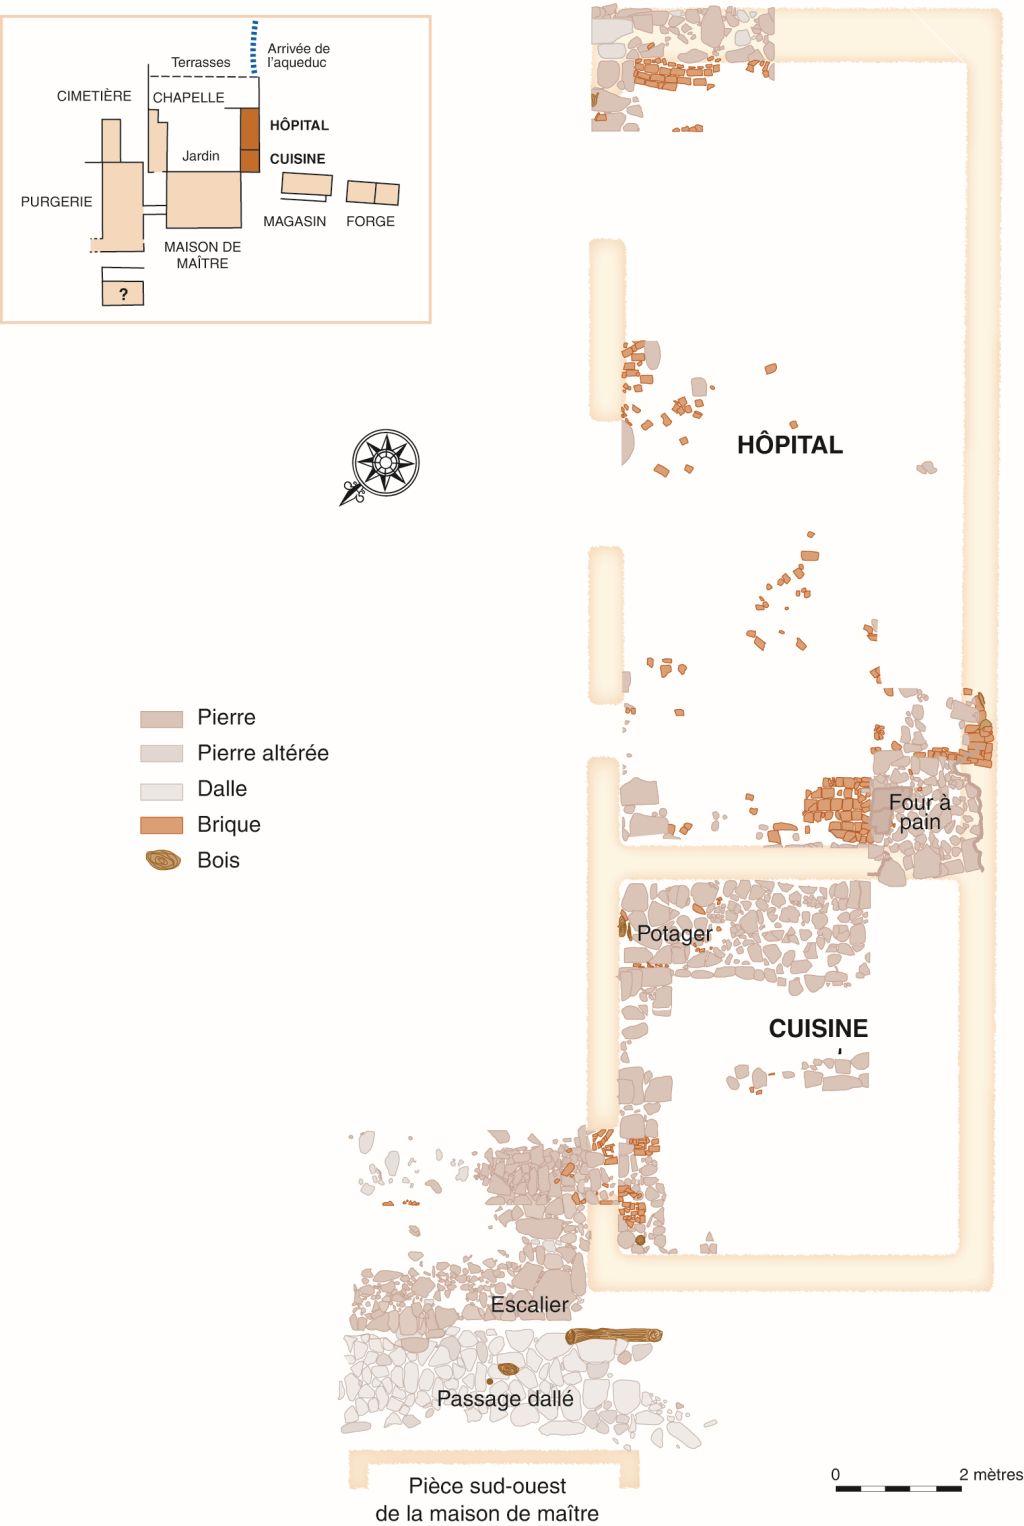 Plan des vestiges de la cuisine et de l'hôpital. Infographie Andrée Héroux.